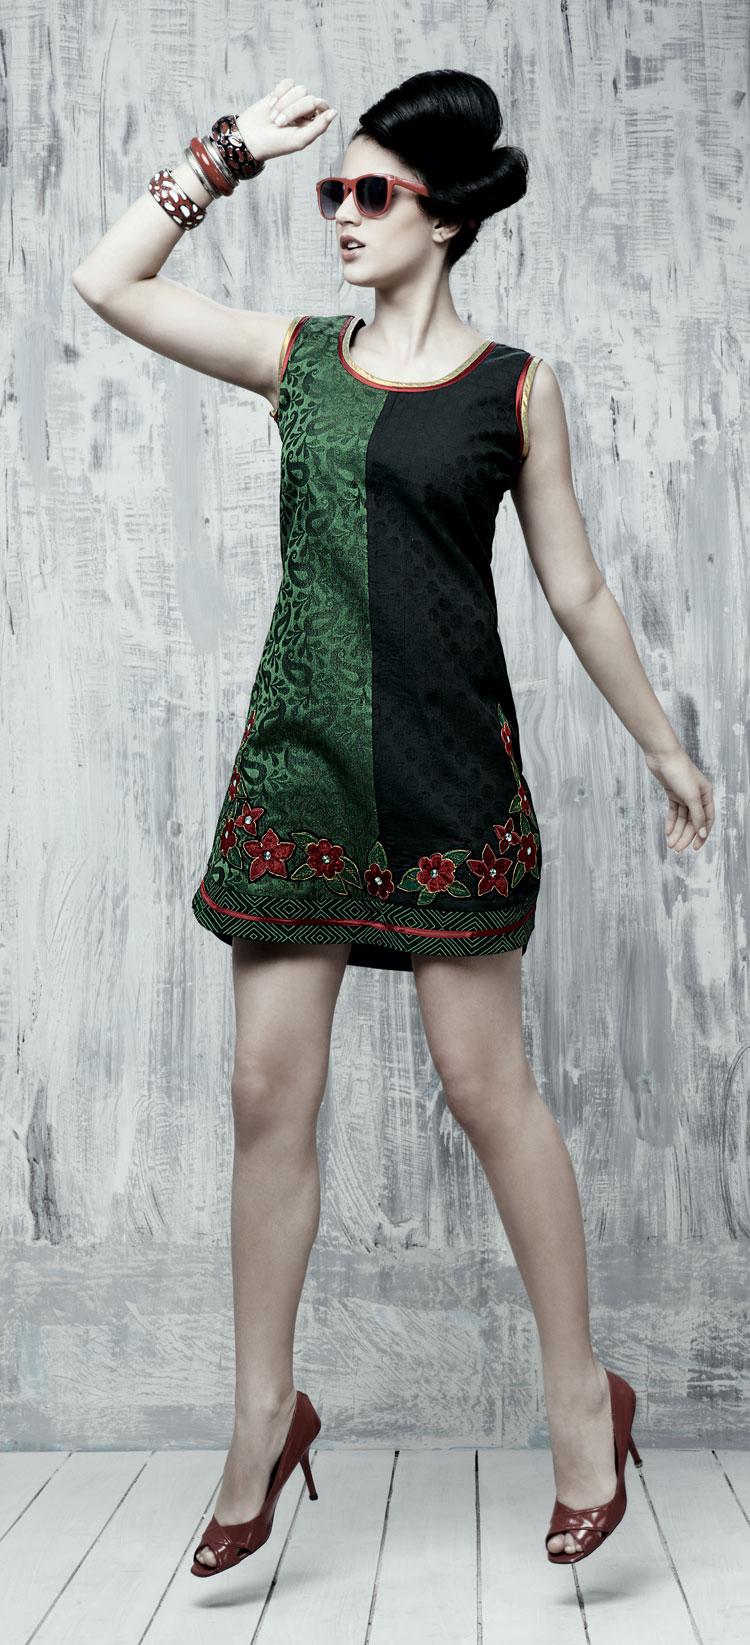 Черно-зеленое платье купить